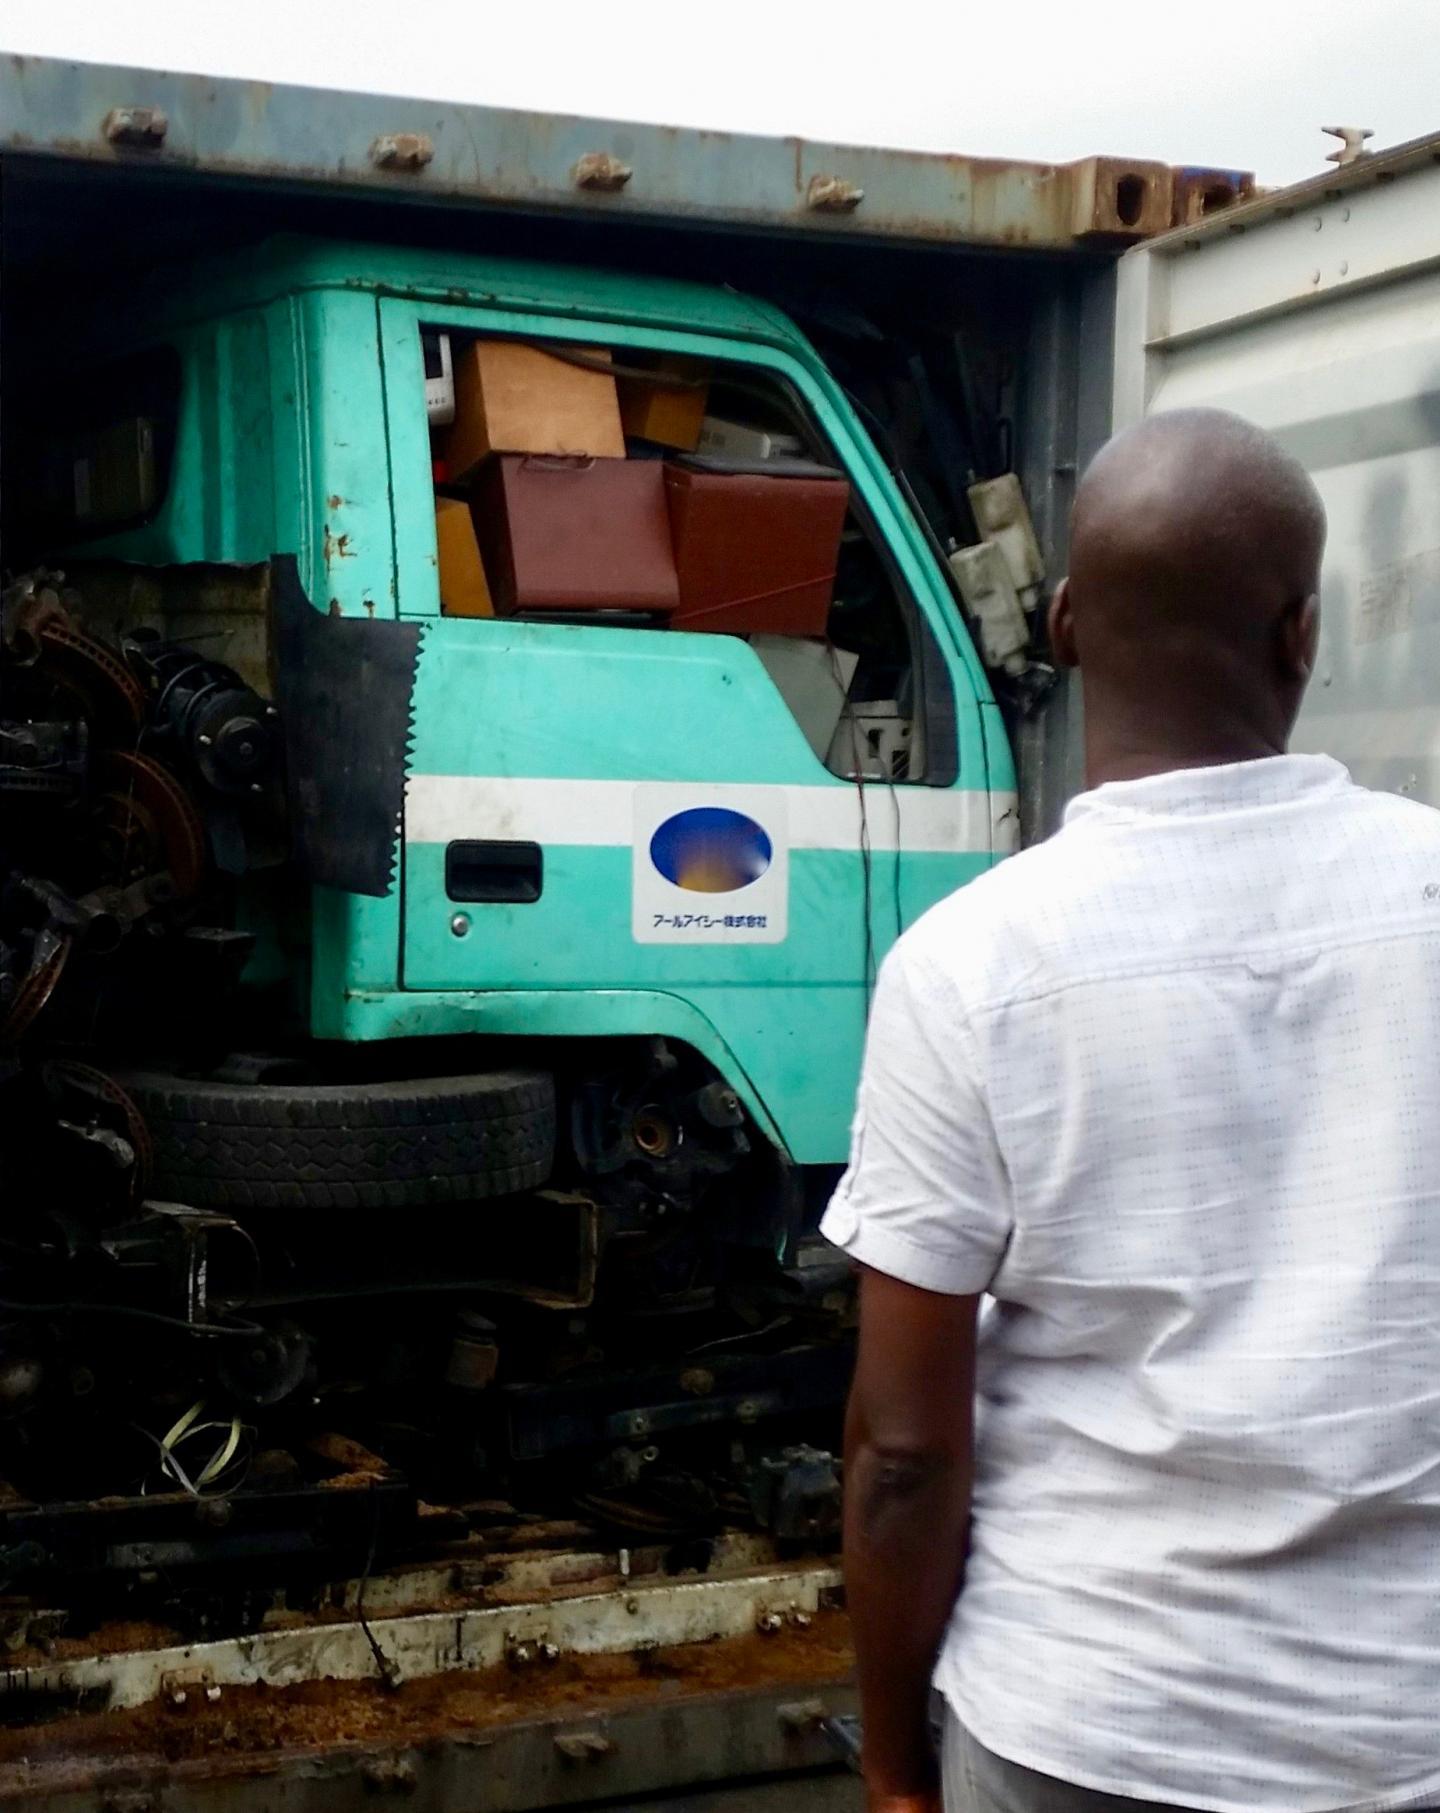 Un conteneur contenant un camion, qui à son tour, est rempli de d'appareils électroniques usagés - Crédit : UNU & BCCC-Africa